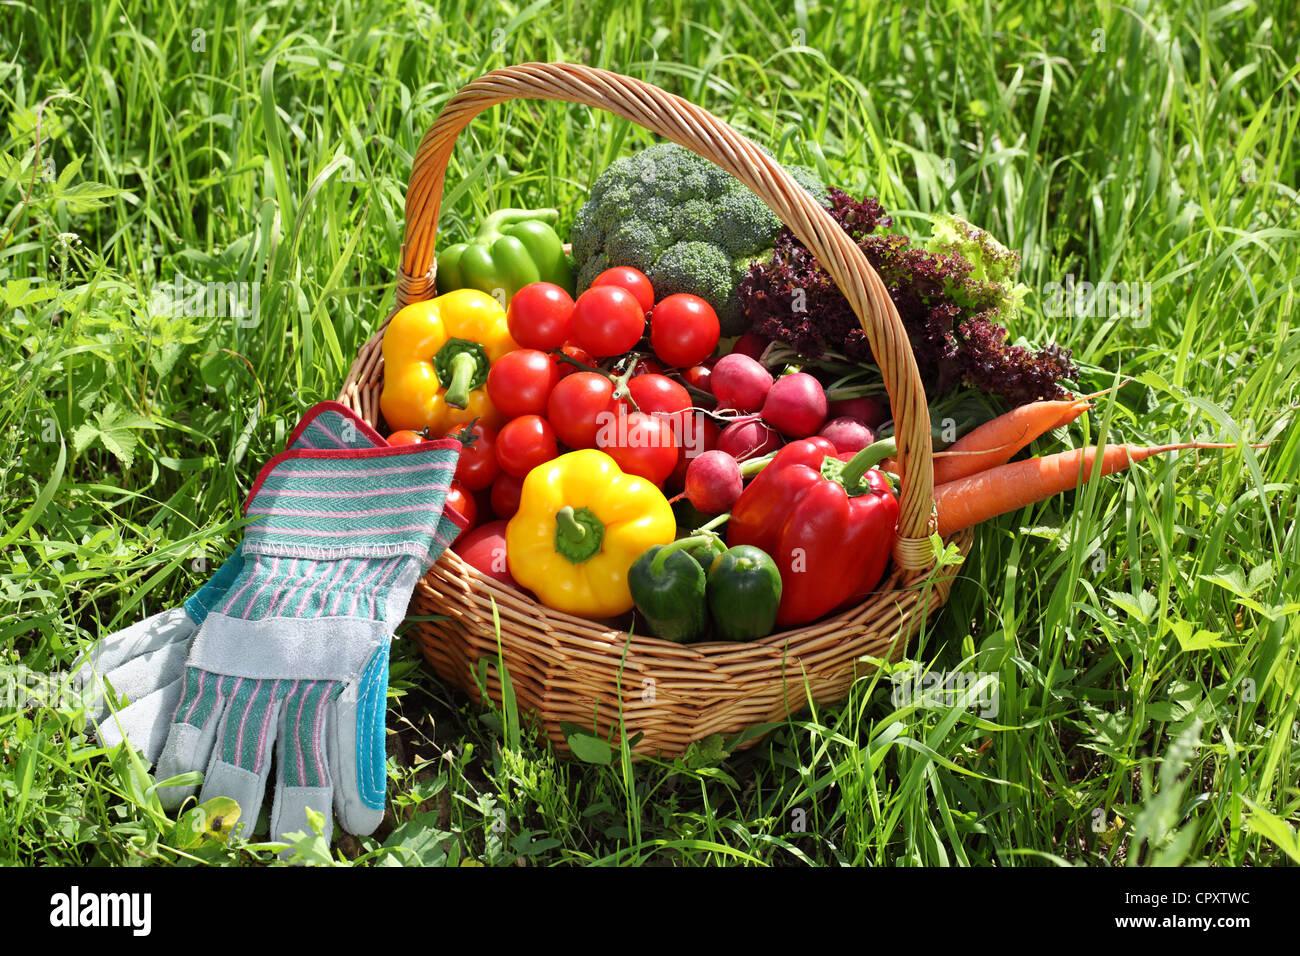 Canasta llena de verduras orgánicas con el guante en la hierba verde. Imagen De Stock